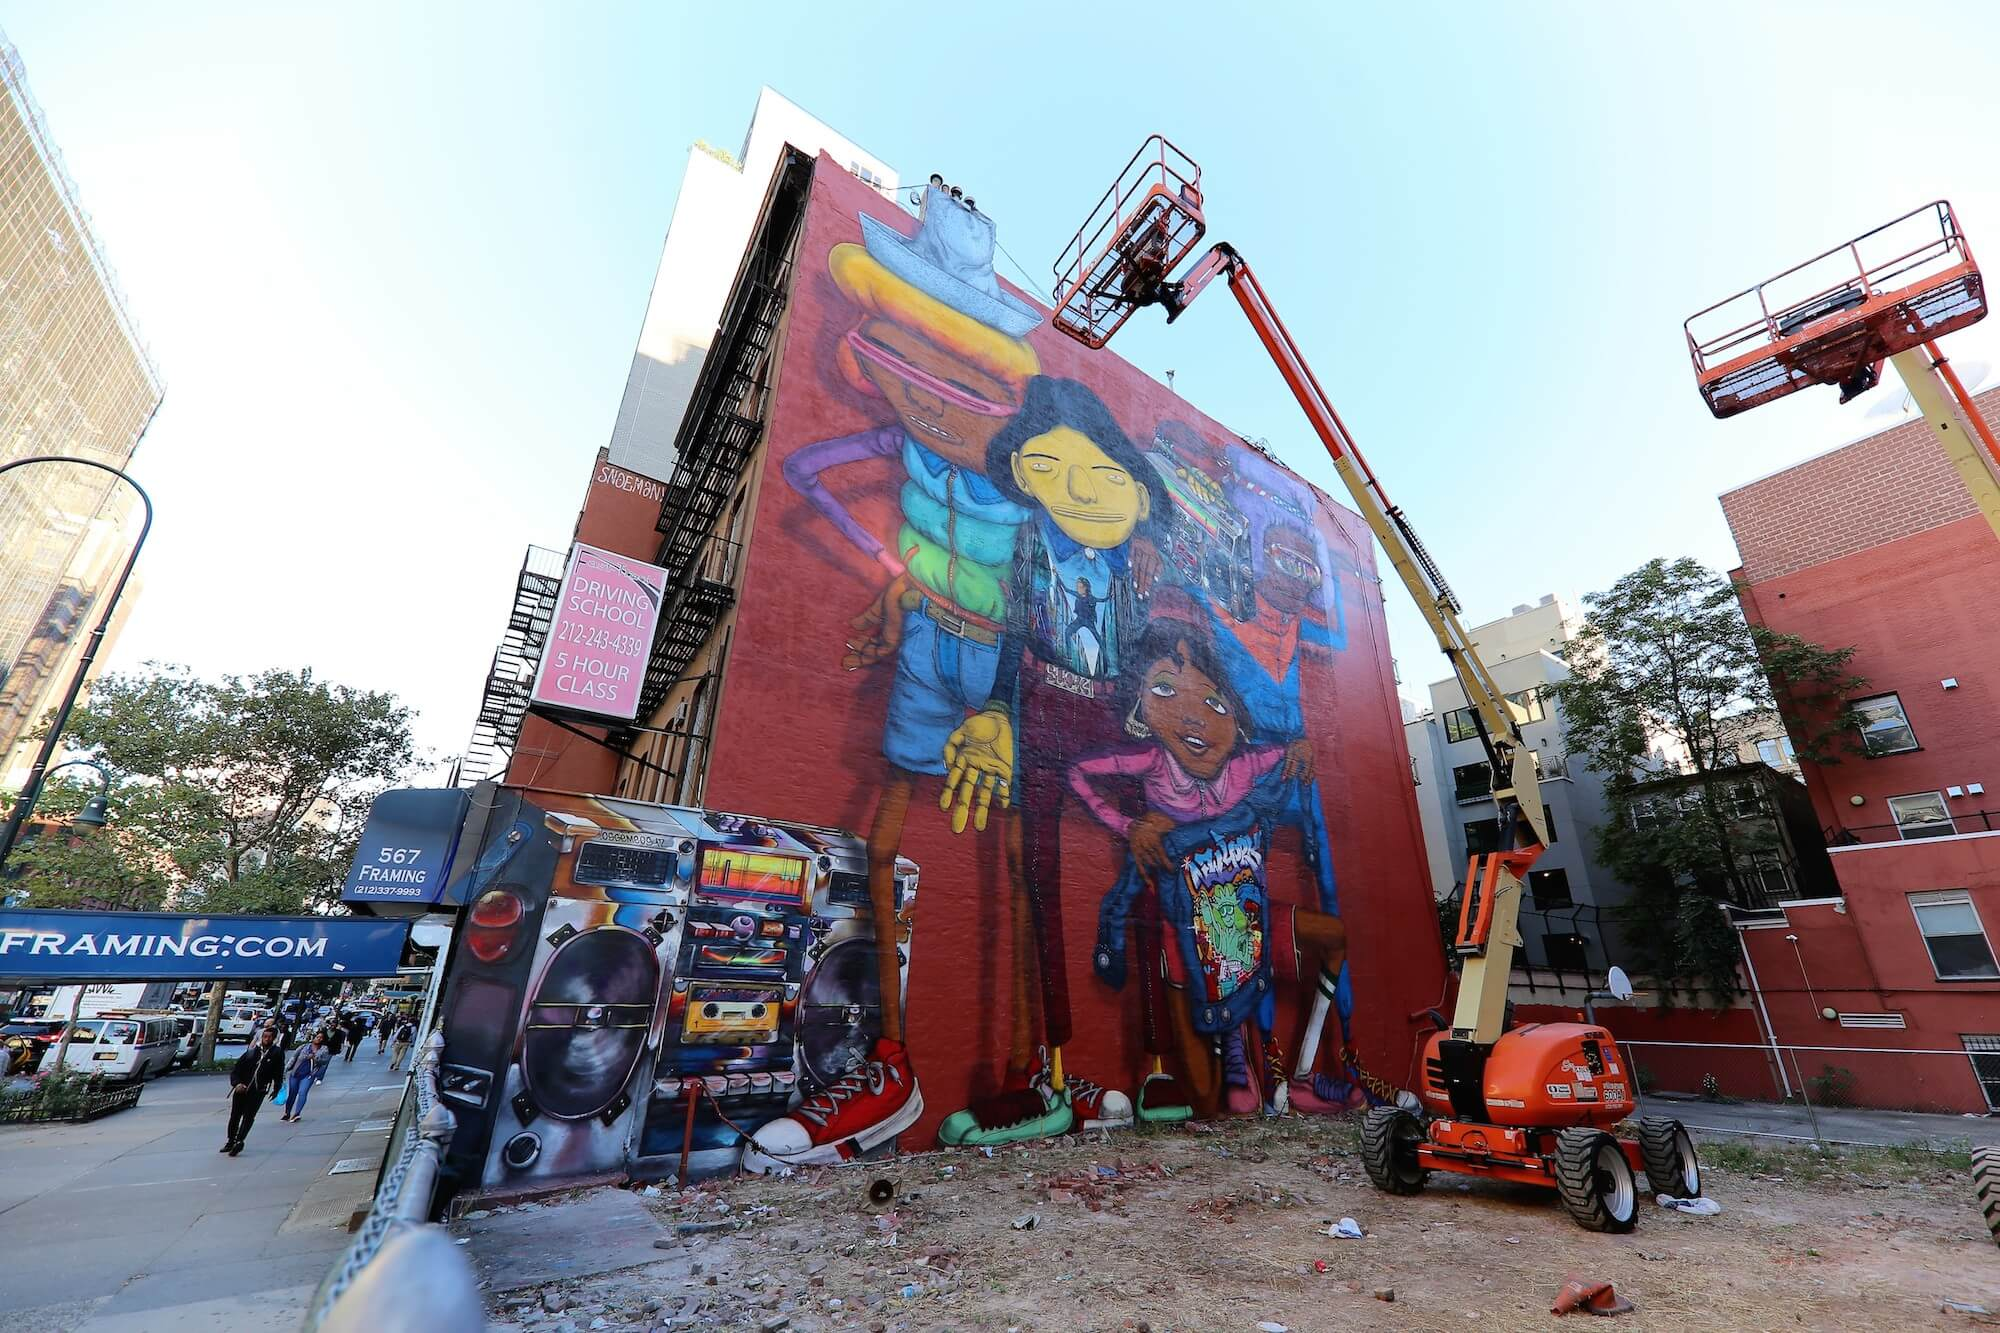 os-gemeos-new-york-graffiti-street-art-hip-hop-martha-cooper-pc-just-a-spectator-33